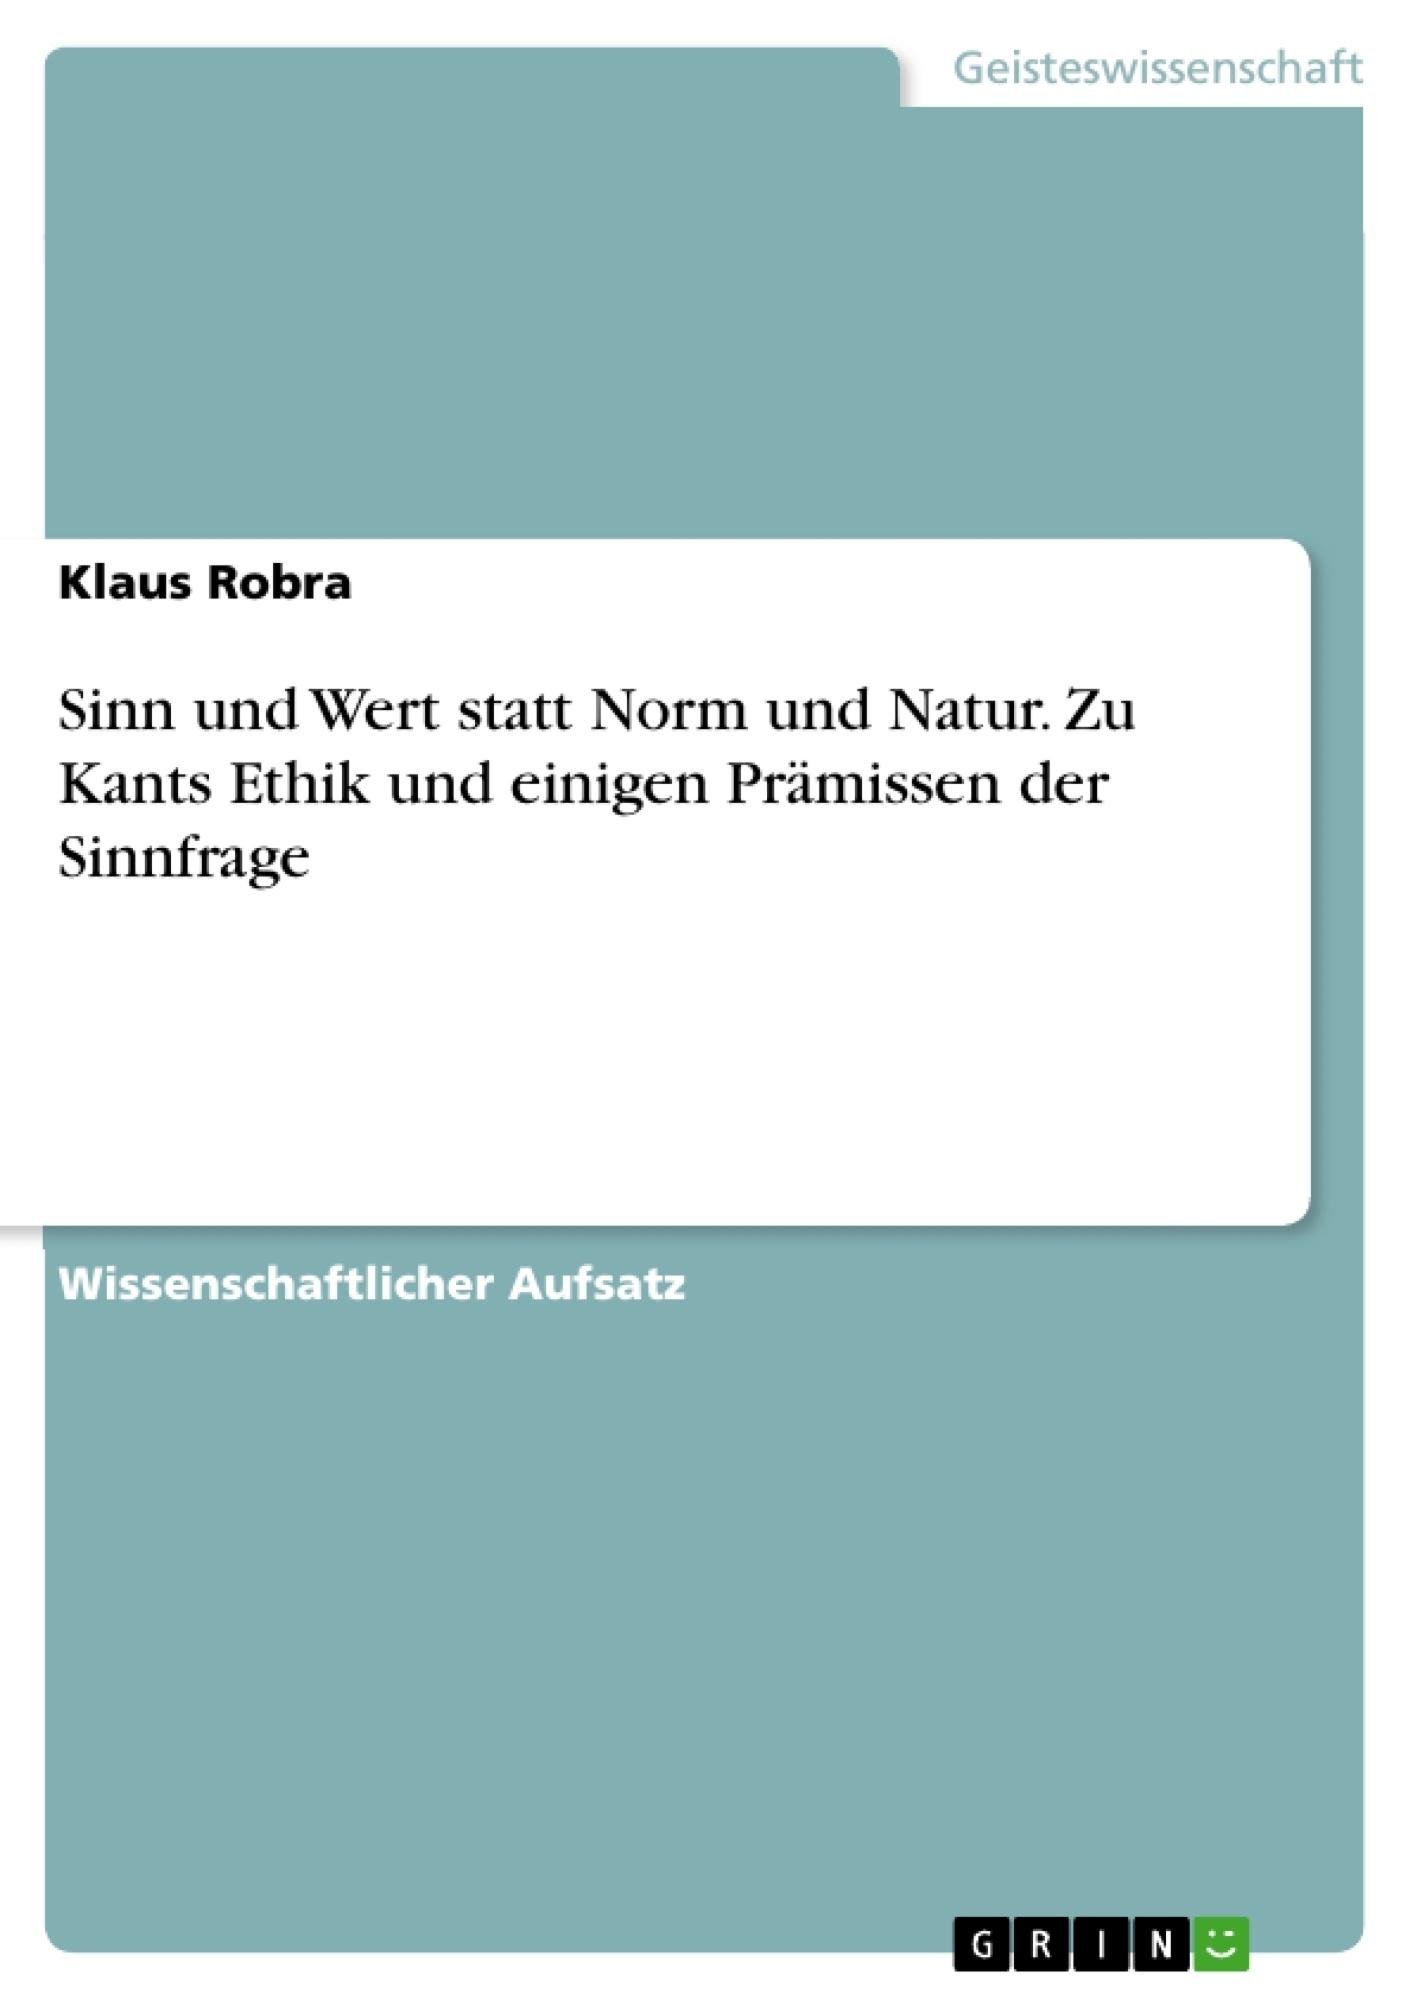 Titel: Sinn und Wert statt Norm und Natur. Zu Kants Ethik und einigen Prämissen der Sinnfrage